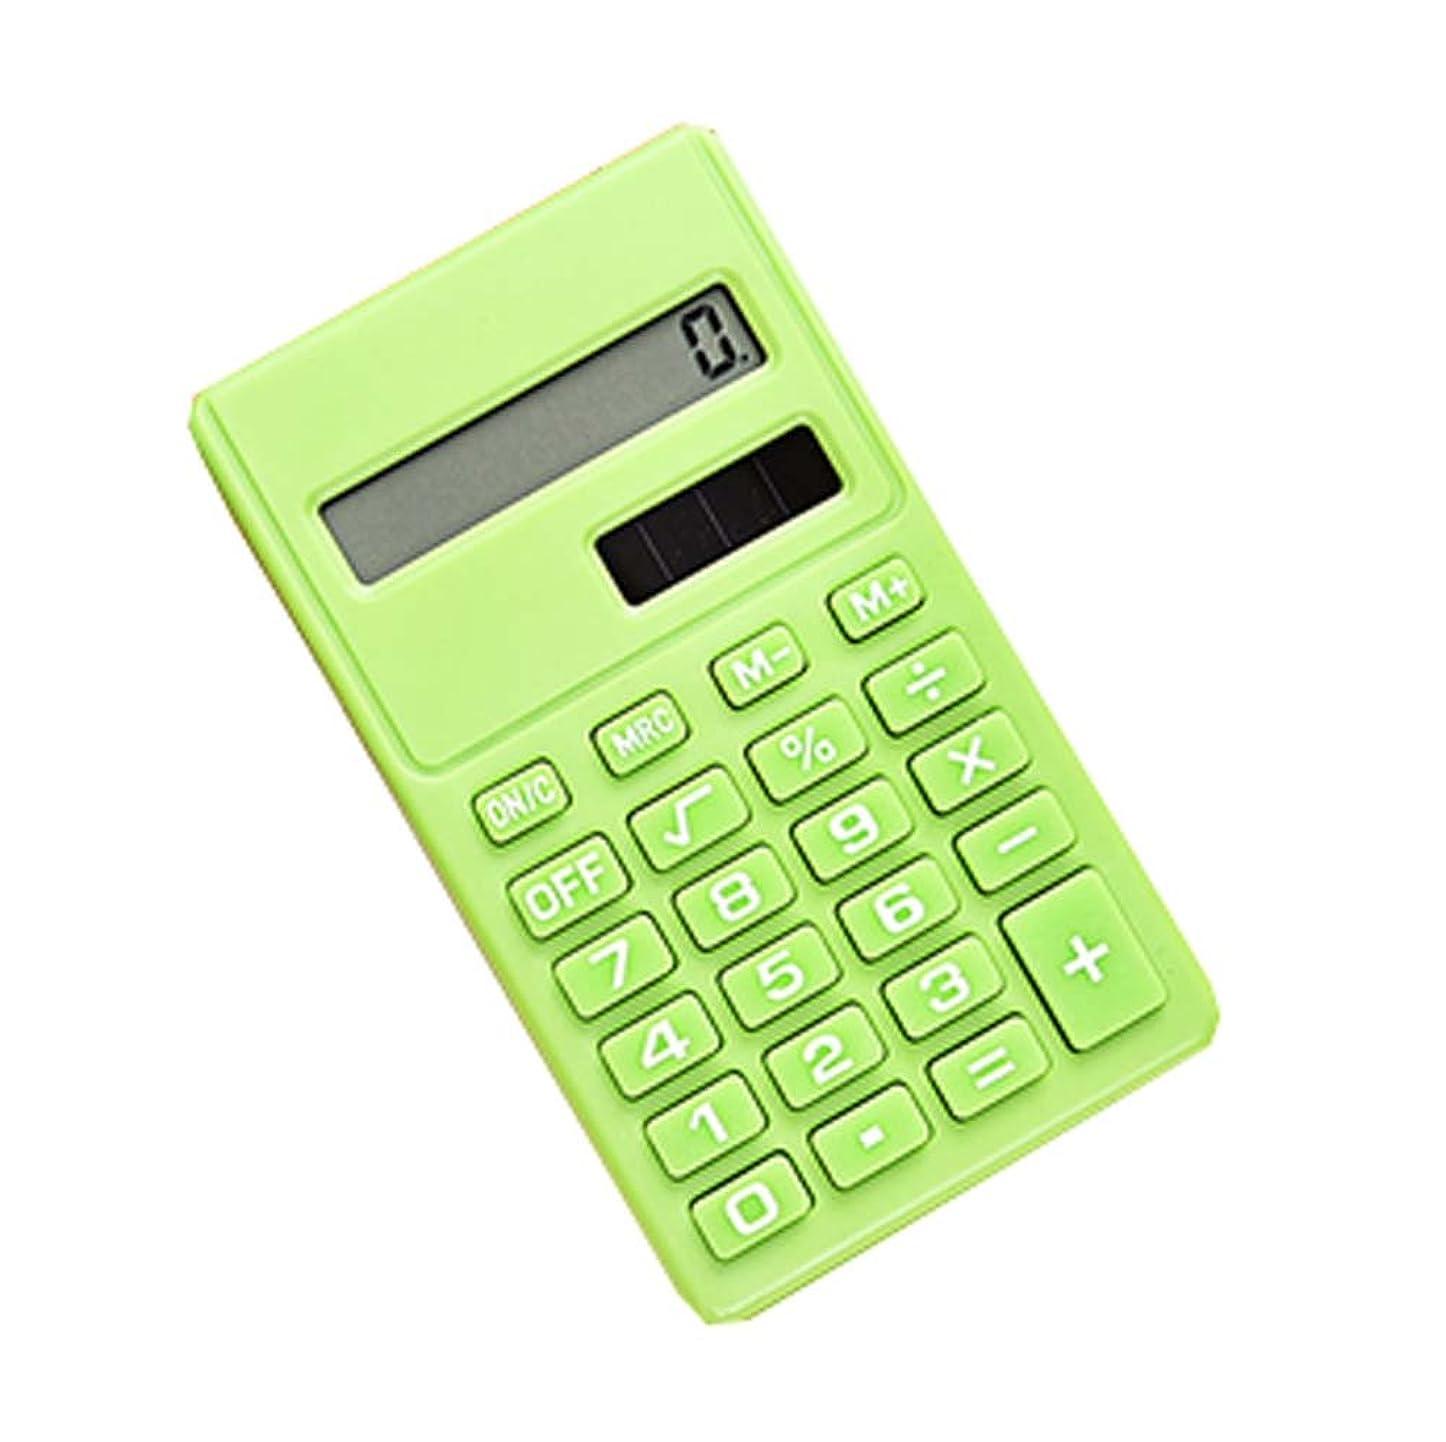 試用規模フクロウクリエイティブミニソーラーパワーカードポータブル電卓グリーン